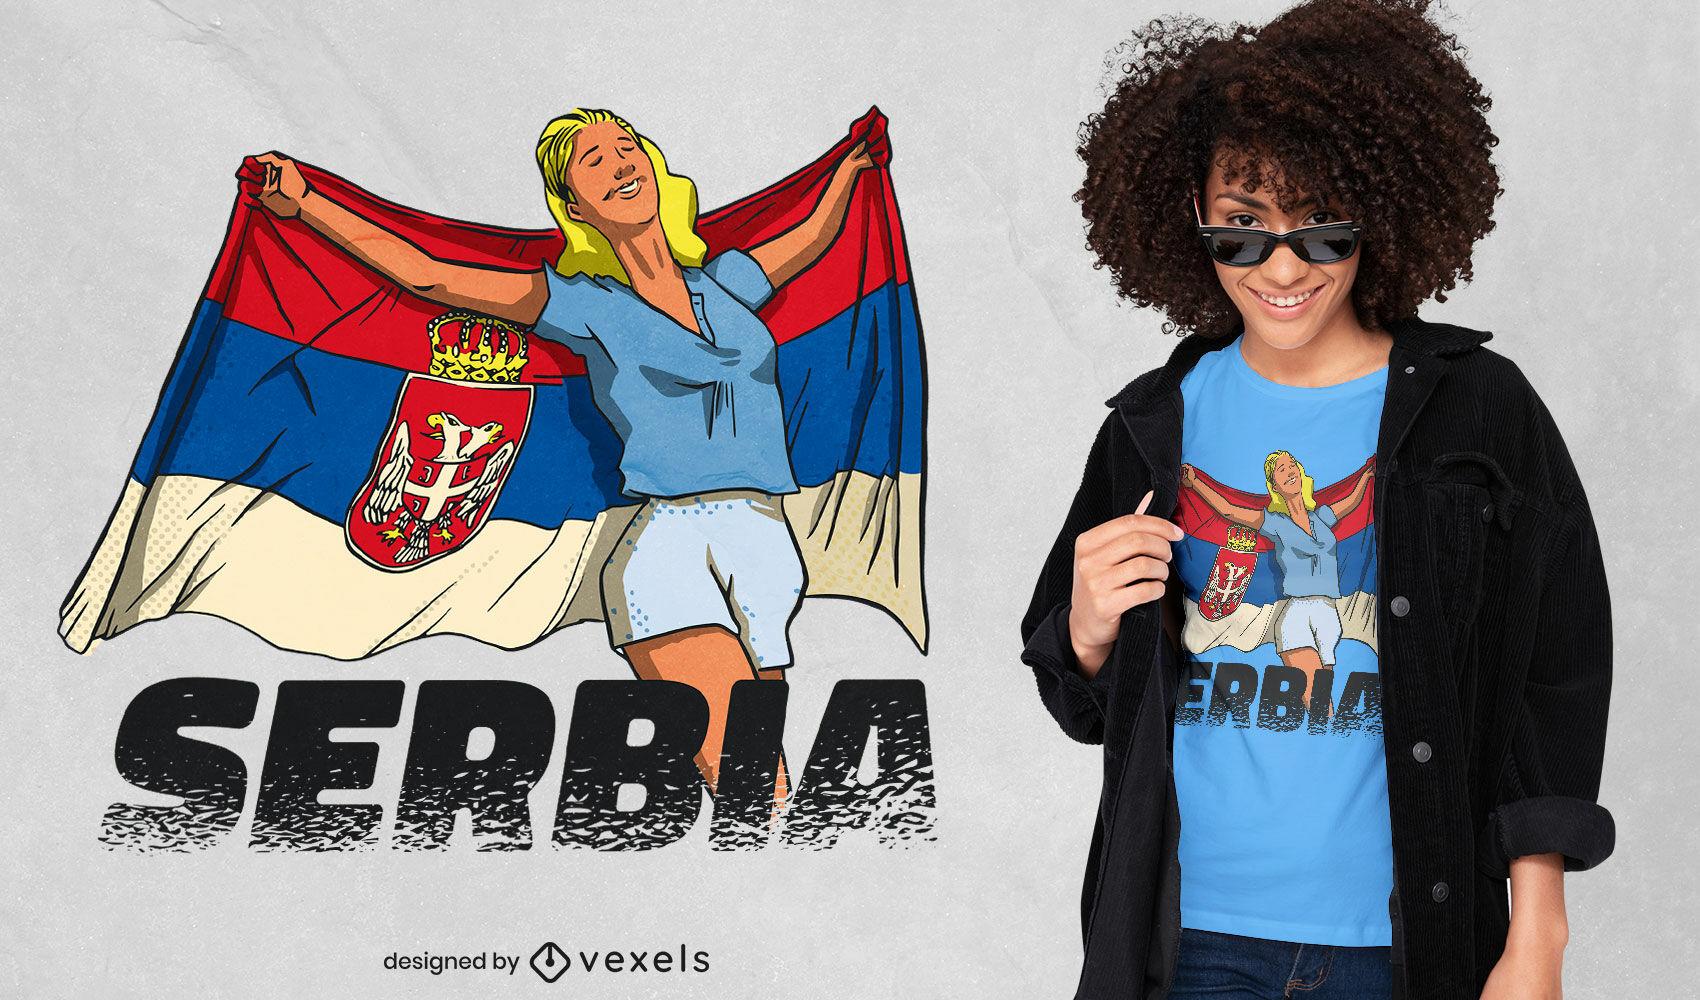 Chica sosteniendo diseño de camiseta de bandera serbia